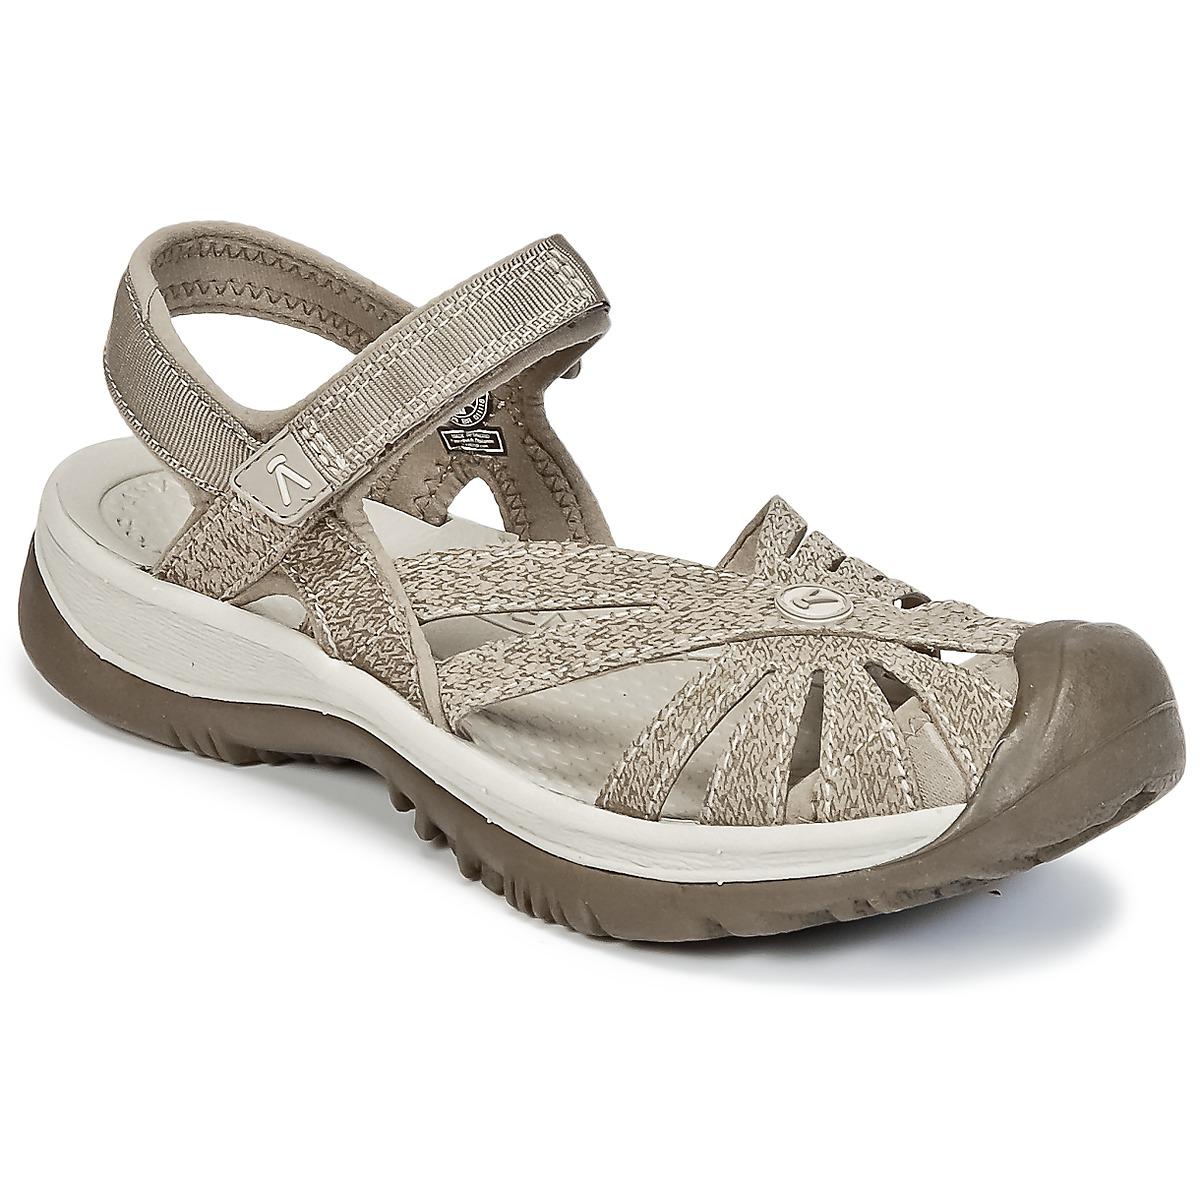 Dámské sandále Keen Rose